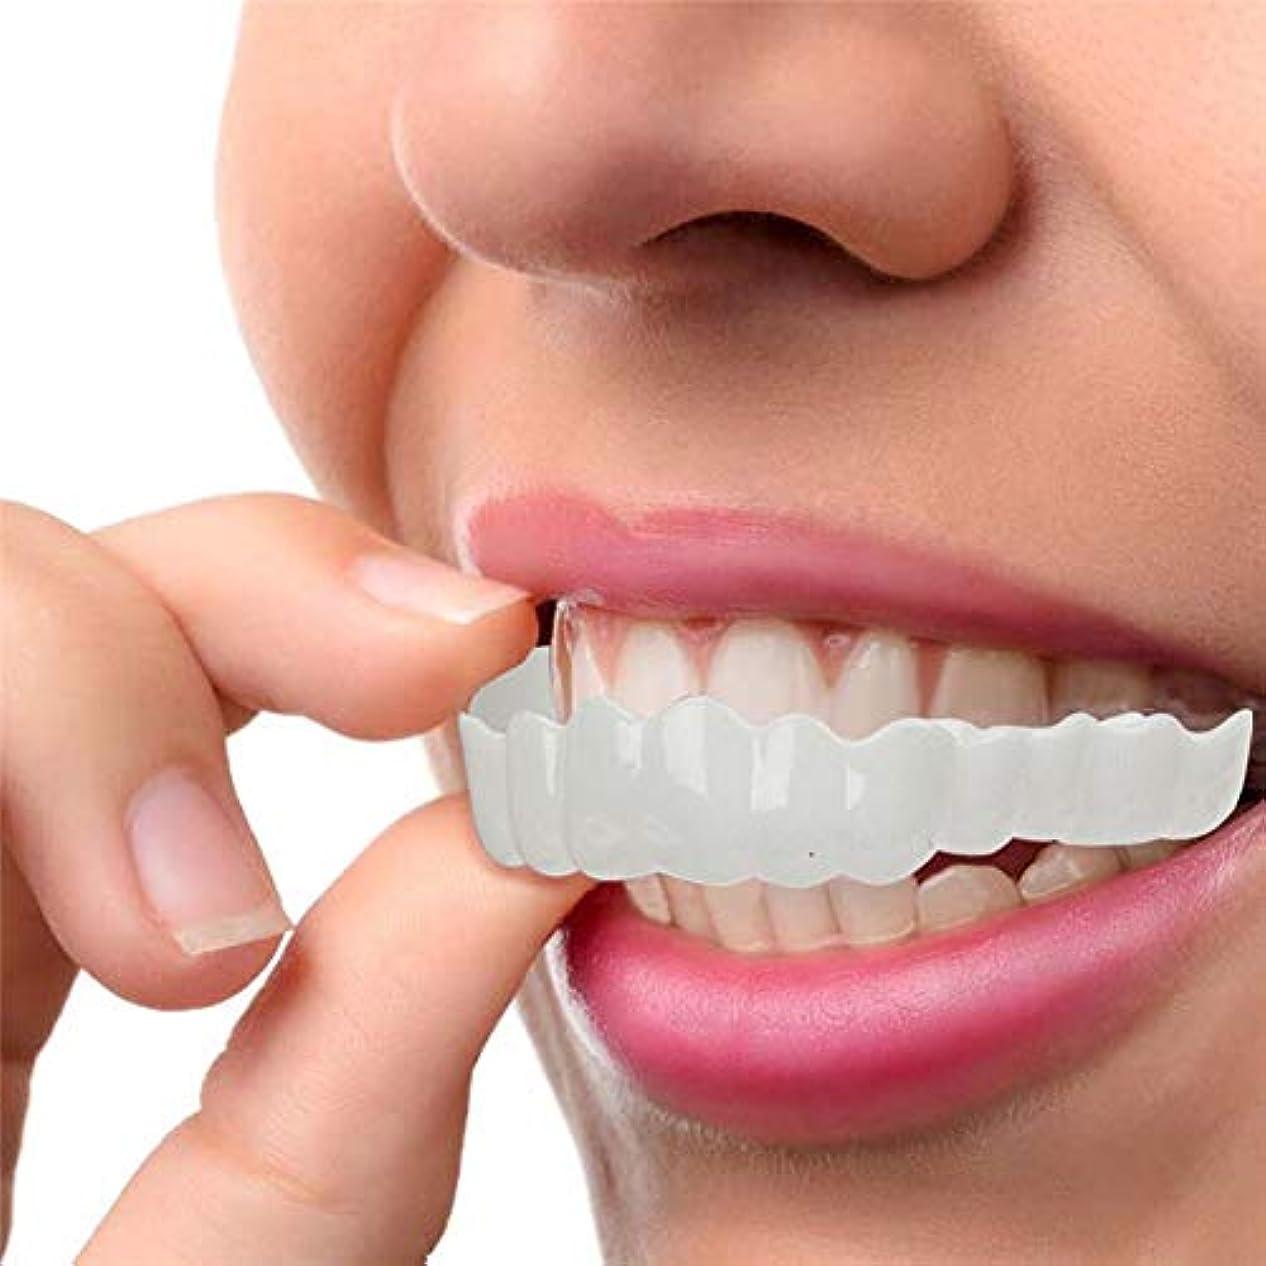 テンポ第九道路を作るプロセス2セット、白い歯をきれいにするためのコンフォートフィットフレックス歯ソケット、化粧品の歯、スーパーコンフォート、コンフォートフィット